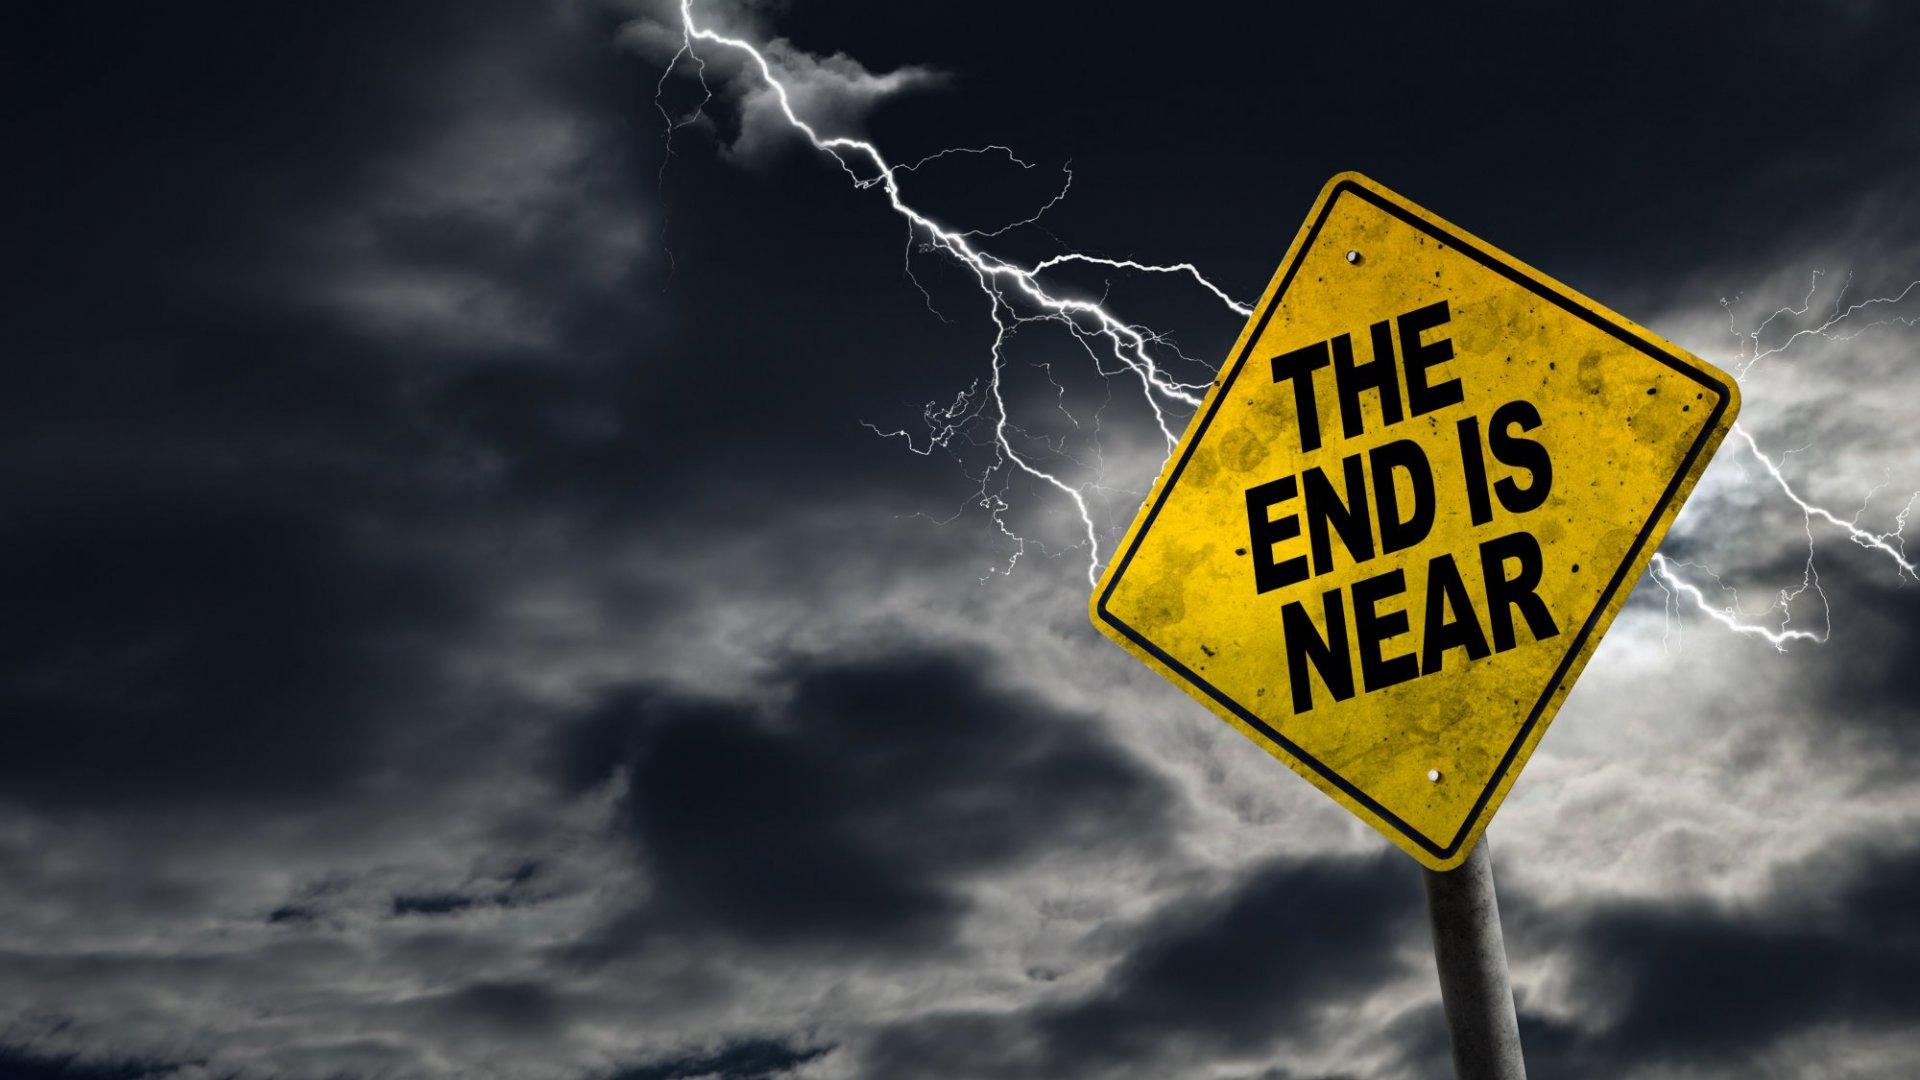 The Y2K Disaster Scenarios Were a Hoax